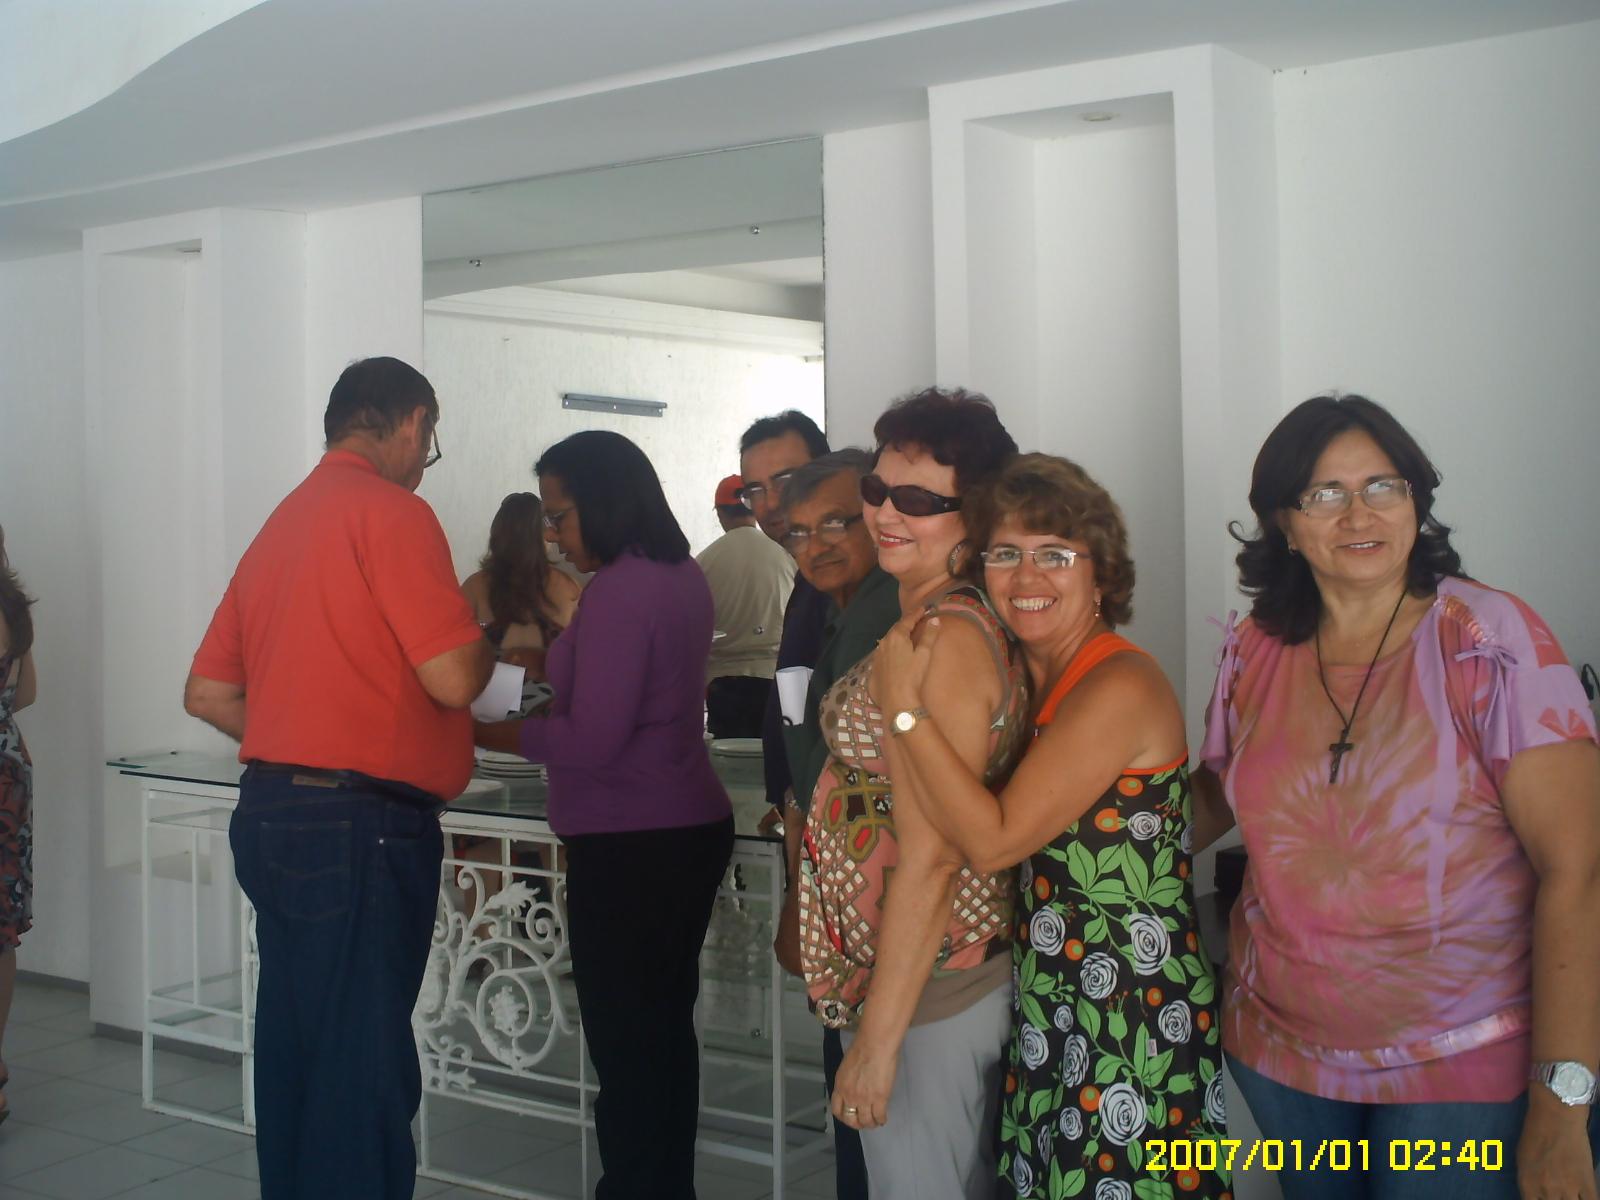 FESTA CONFRATERNIZAÇÃO ATIVOS E APOSENTADOS EM MOSSORÓ